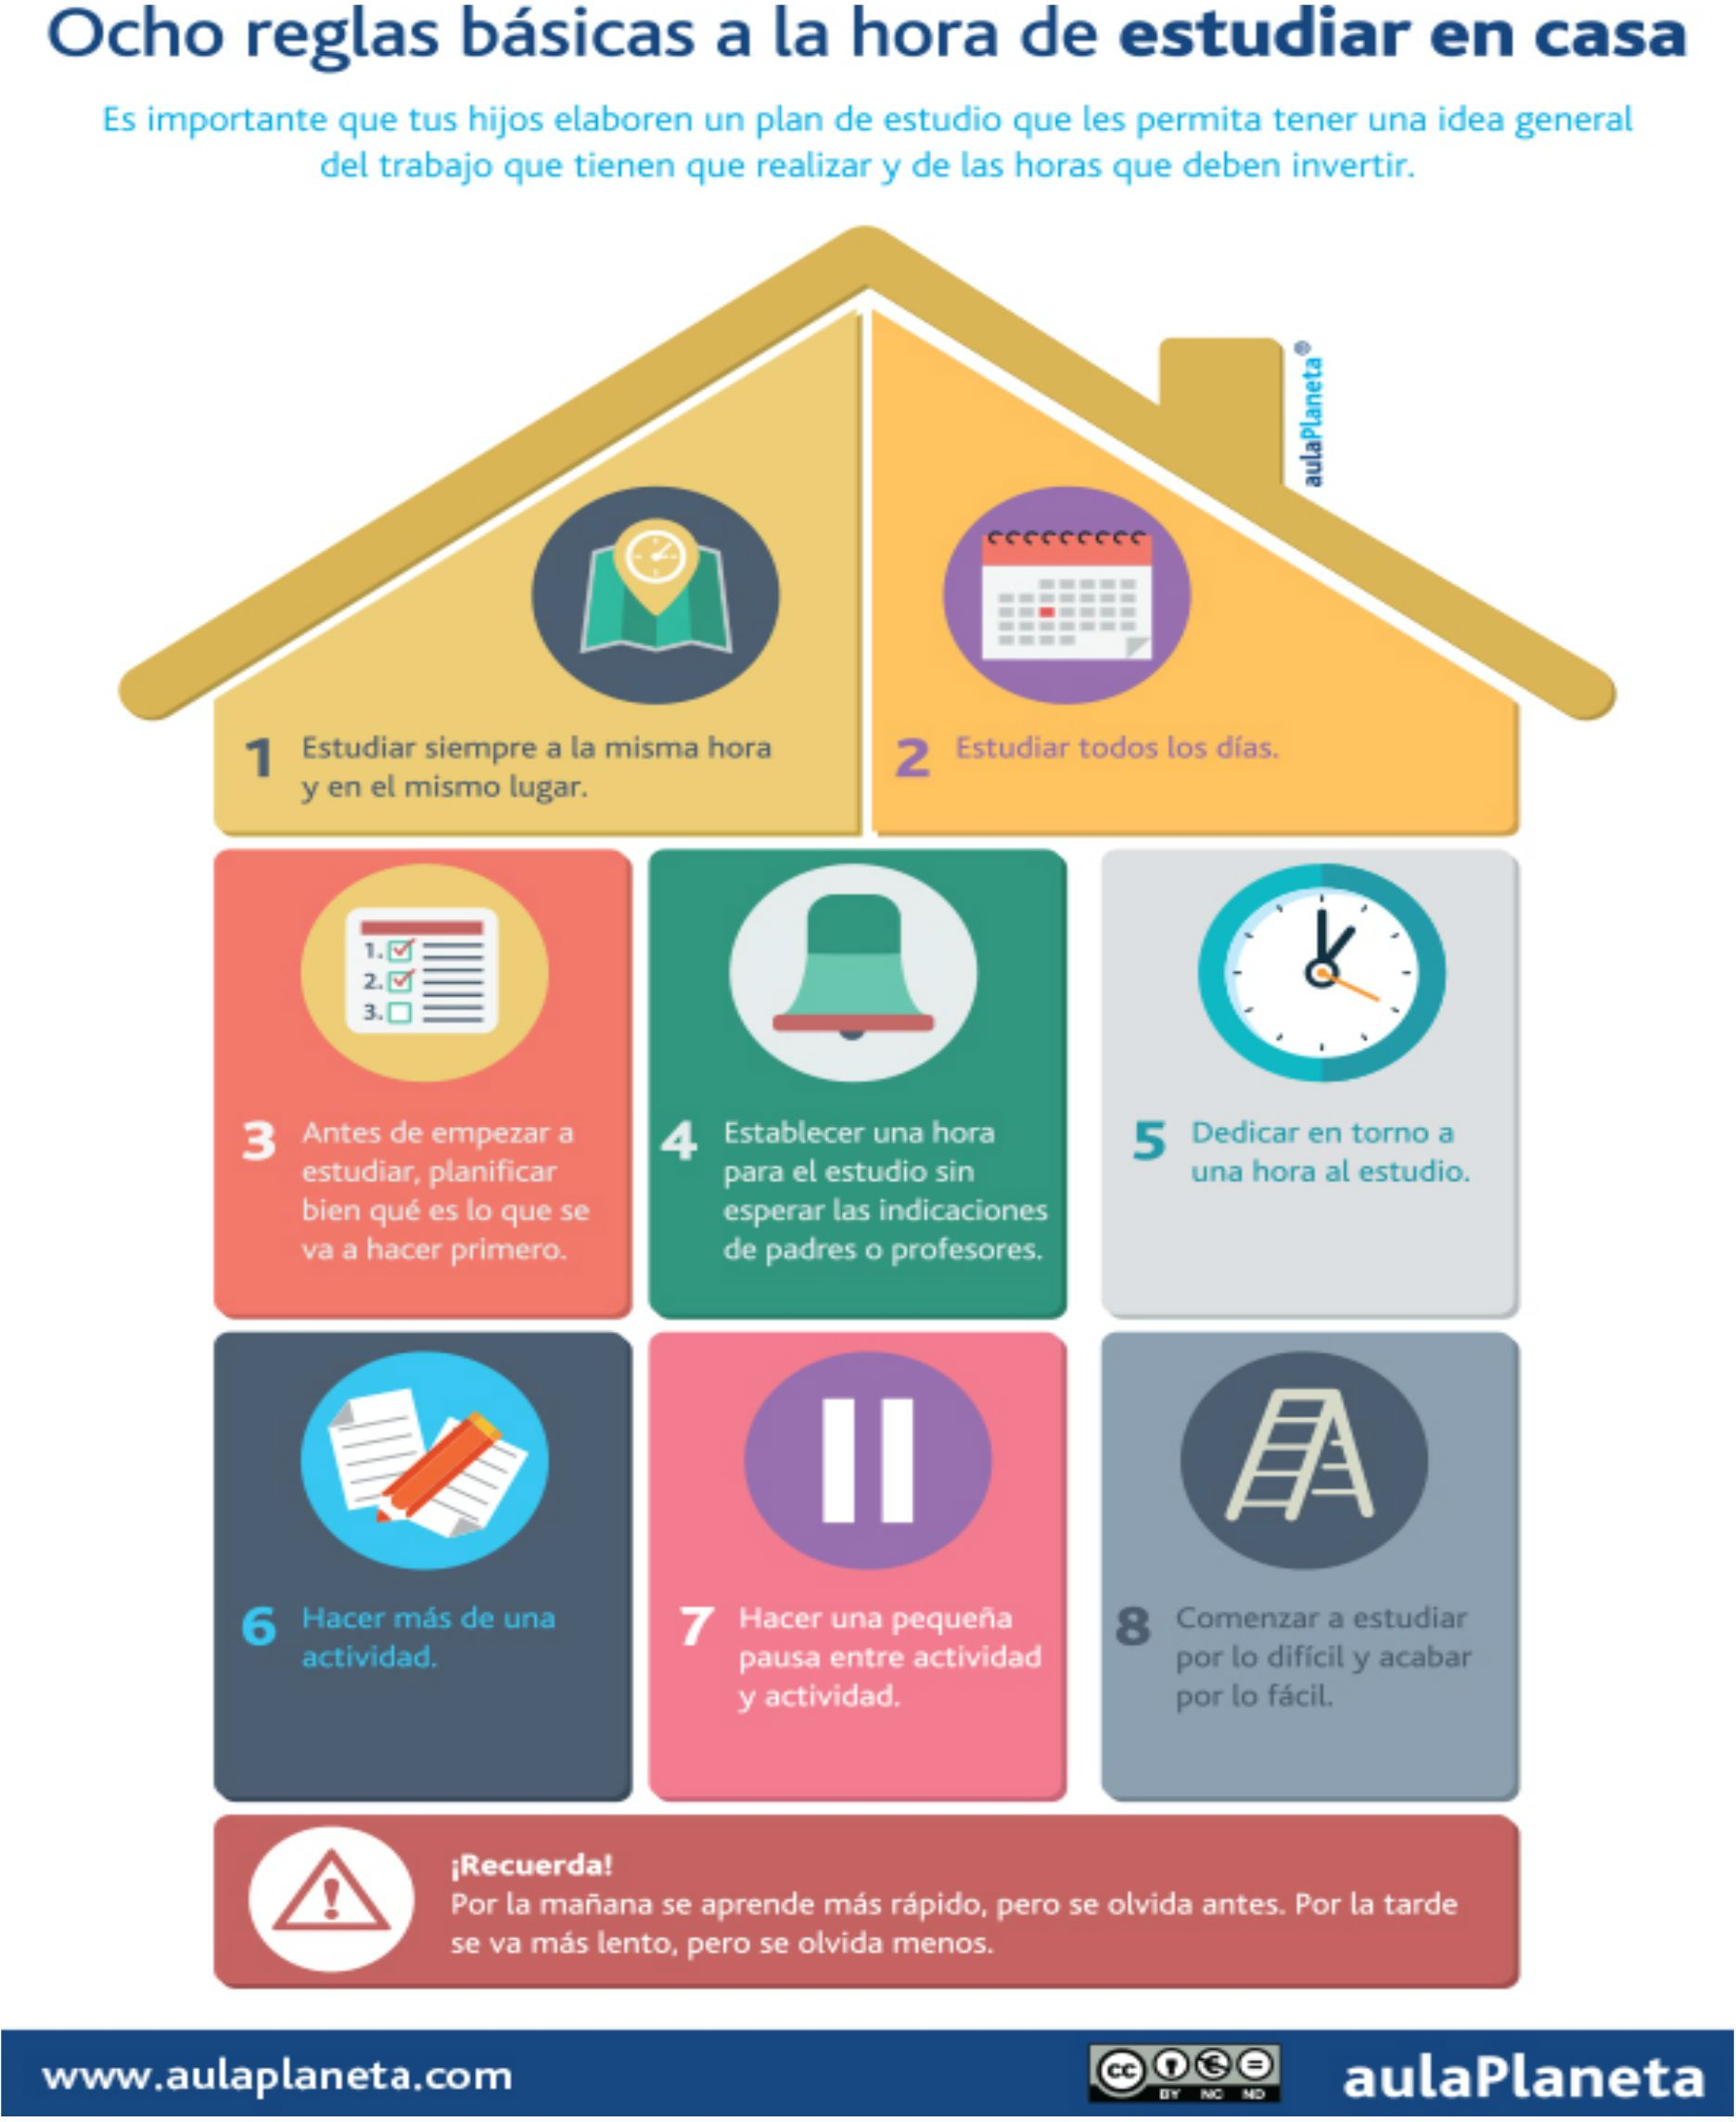 Ocho Reglas Básicas A La Hora De Estudiar En Casa Aulaplaneta Tecnicas De Estudio Estudiar En Casa Educacion